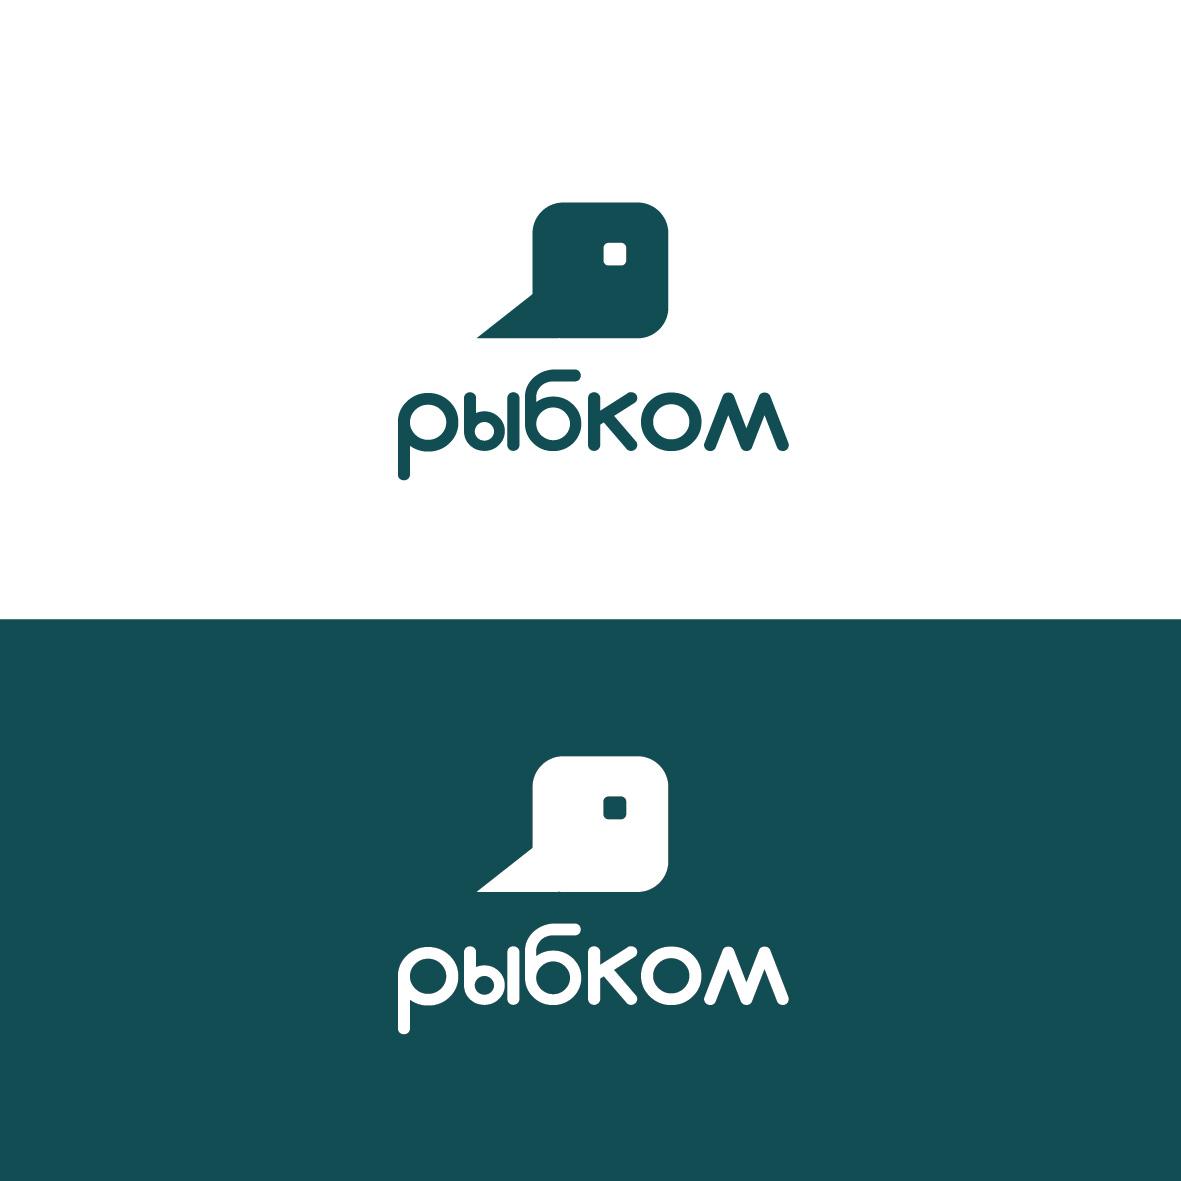 Создание логотипа и брэндбука для компании РЫБКОМ фото f_8755c091c7149e2f.jpg